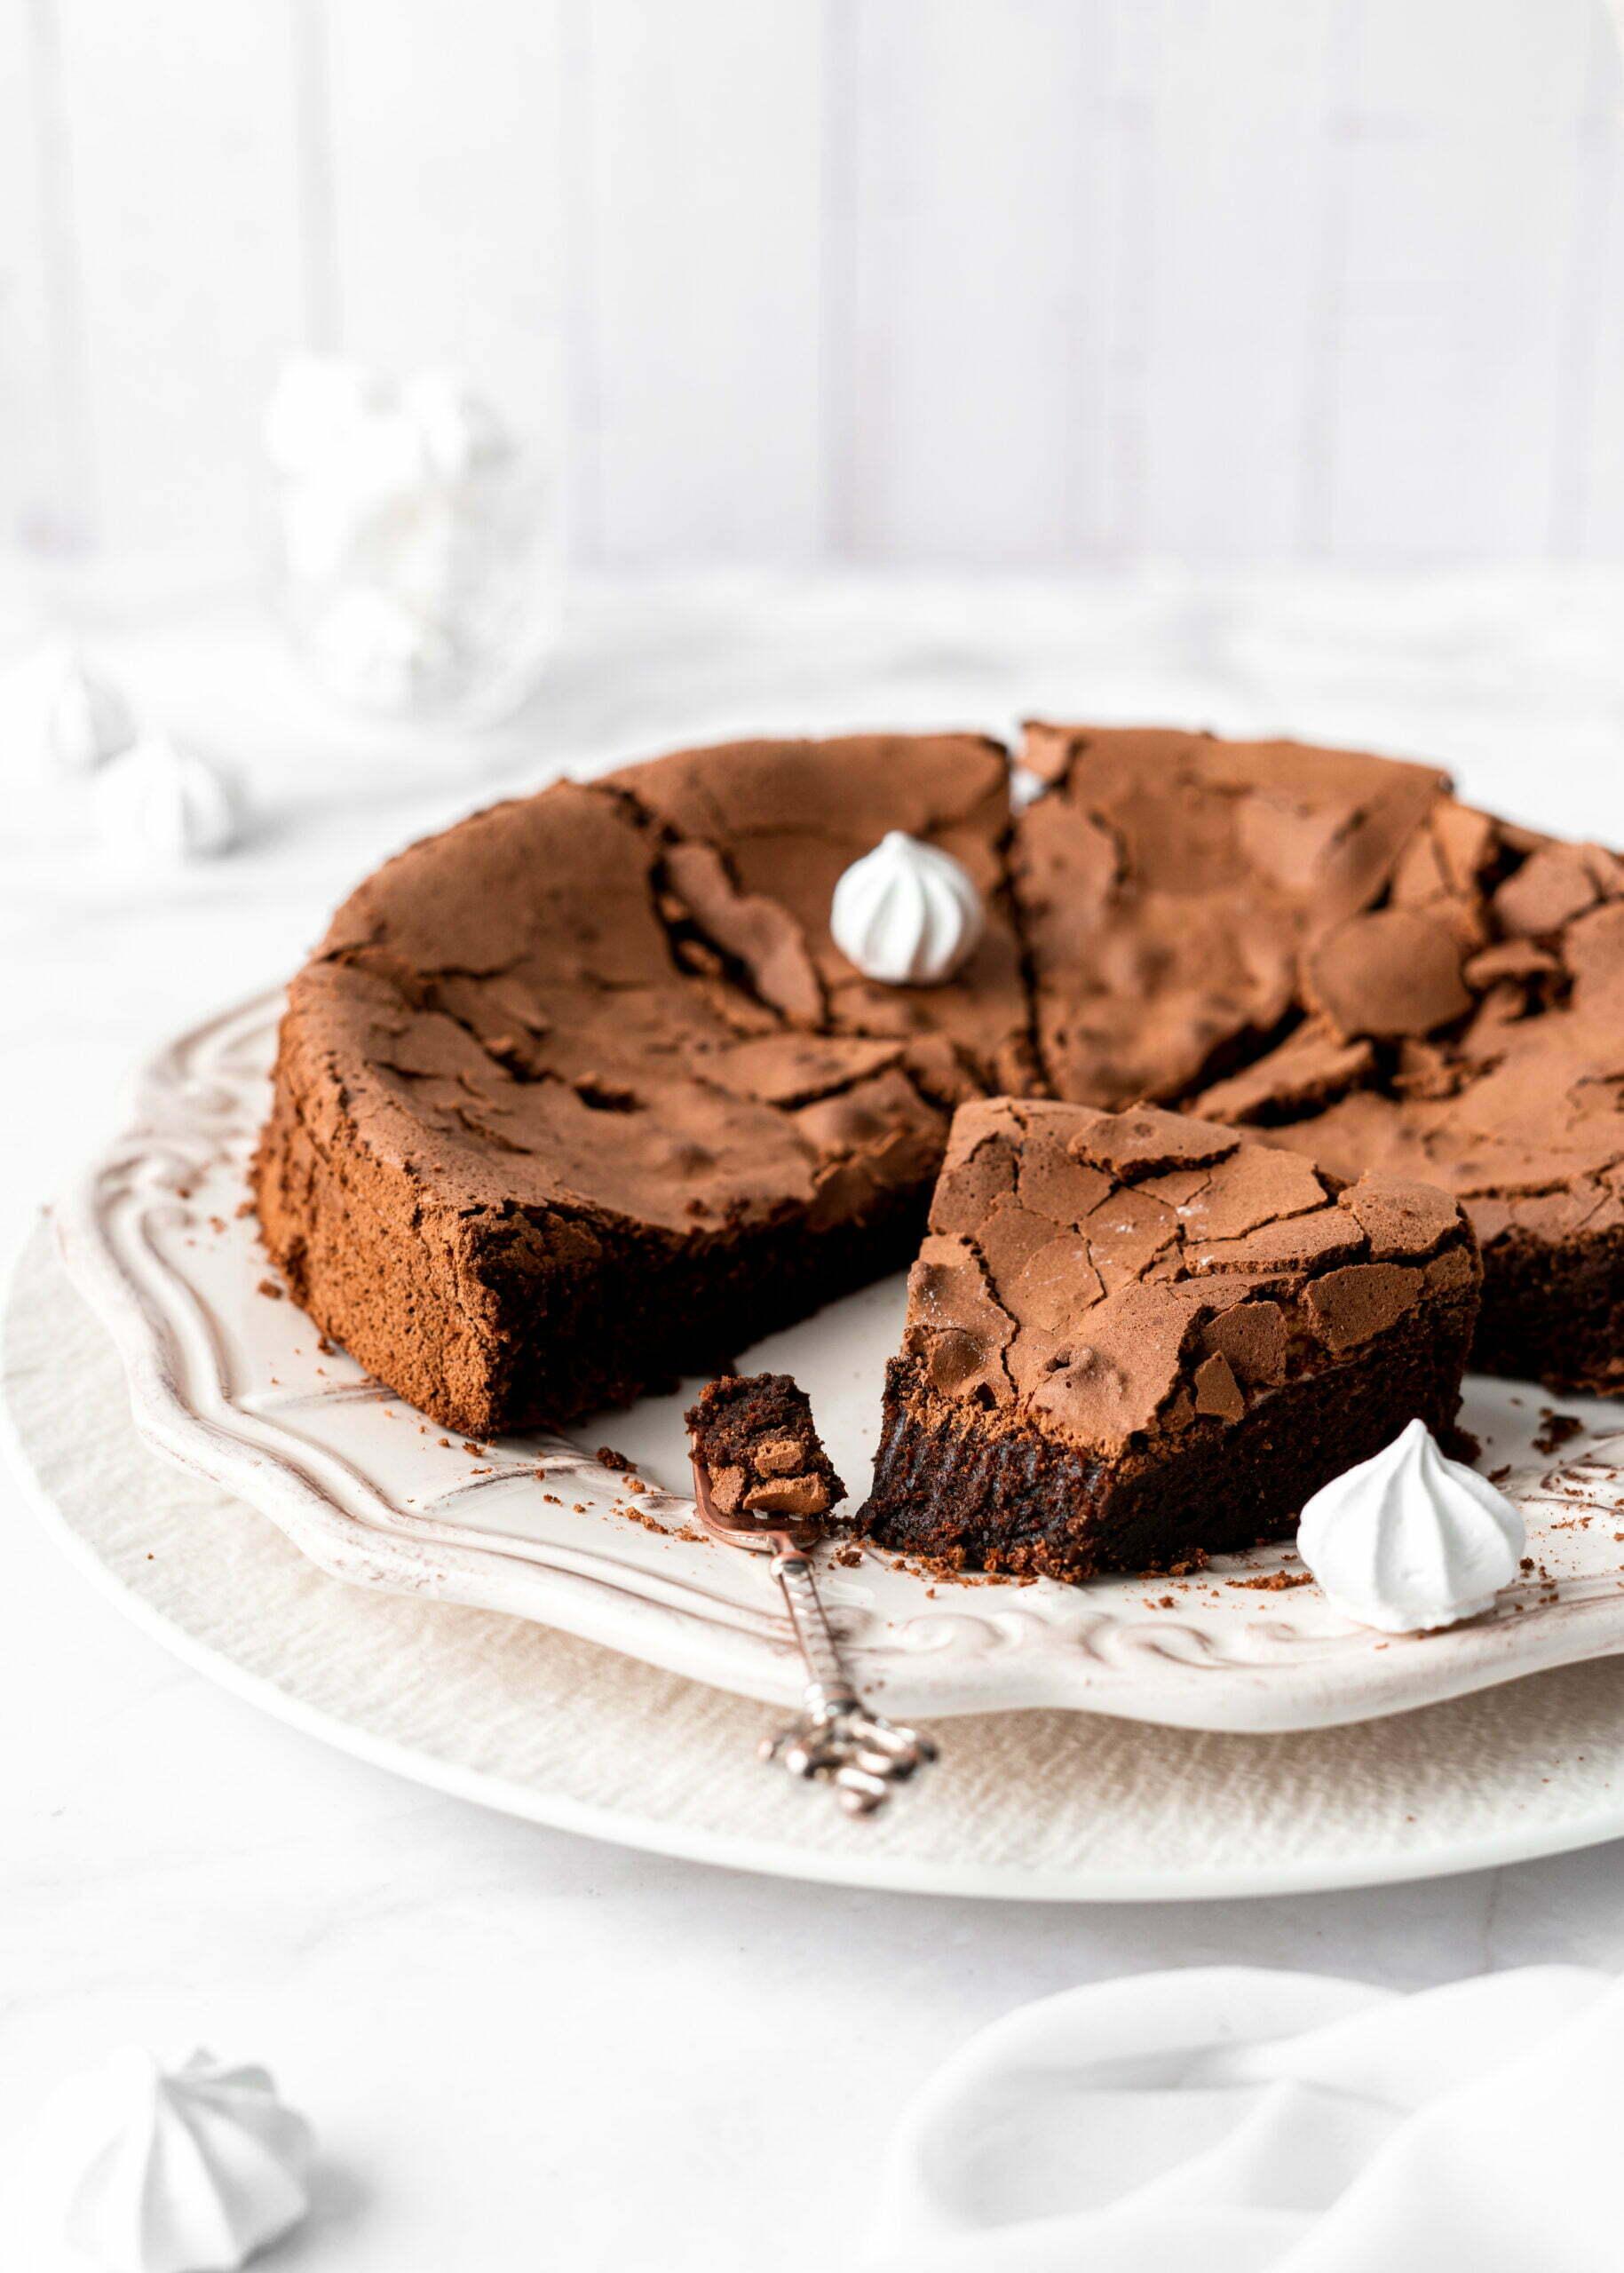 Čokoladna torta brez moke s hrustljavo skorjo